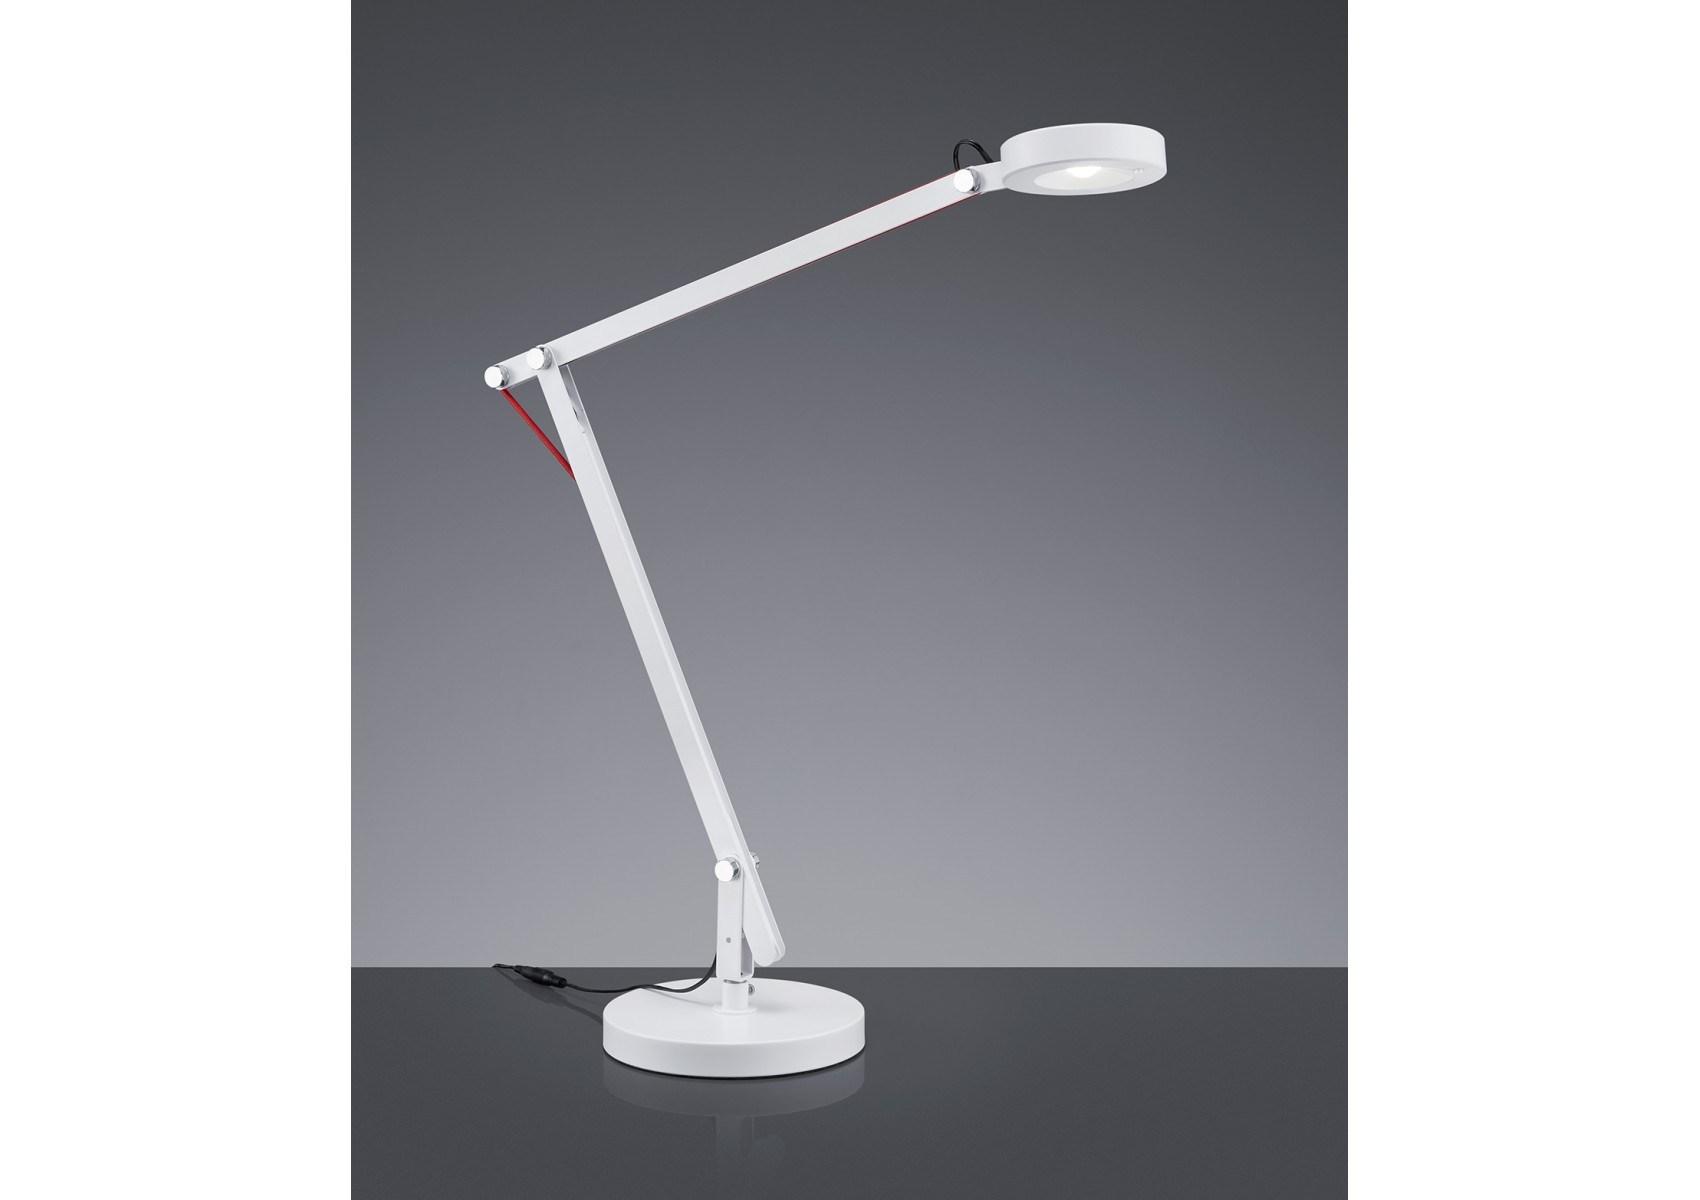 Lampe de bureau amsterdam led avec trois fixations possibles